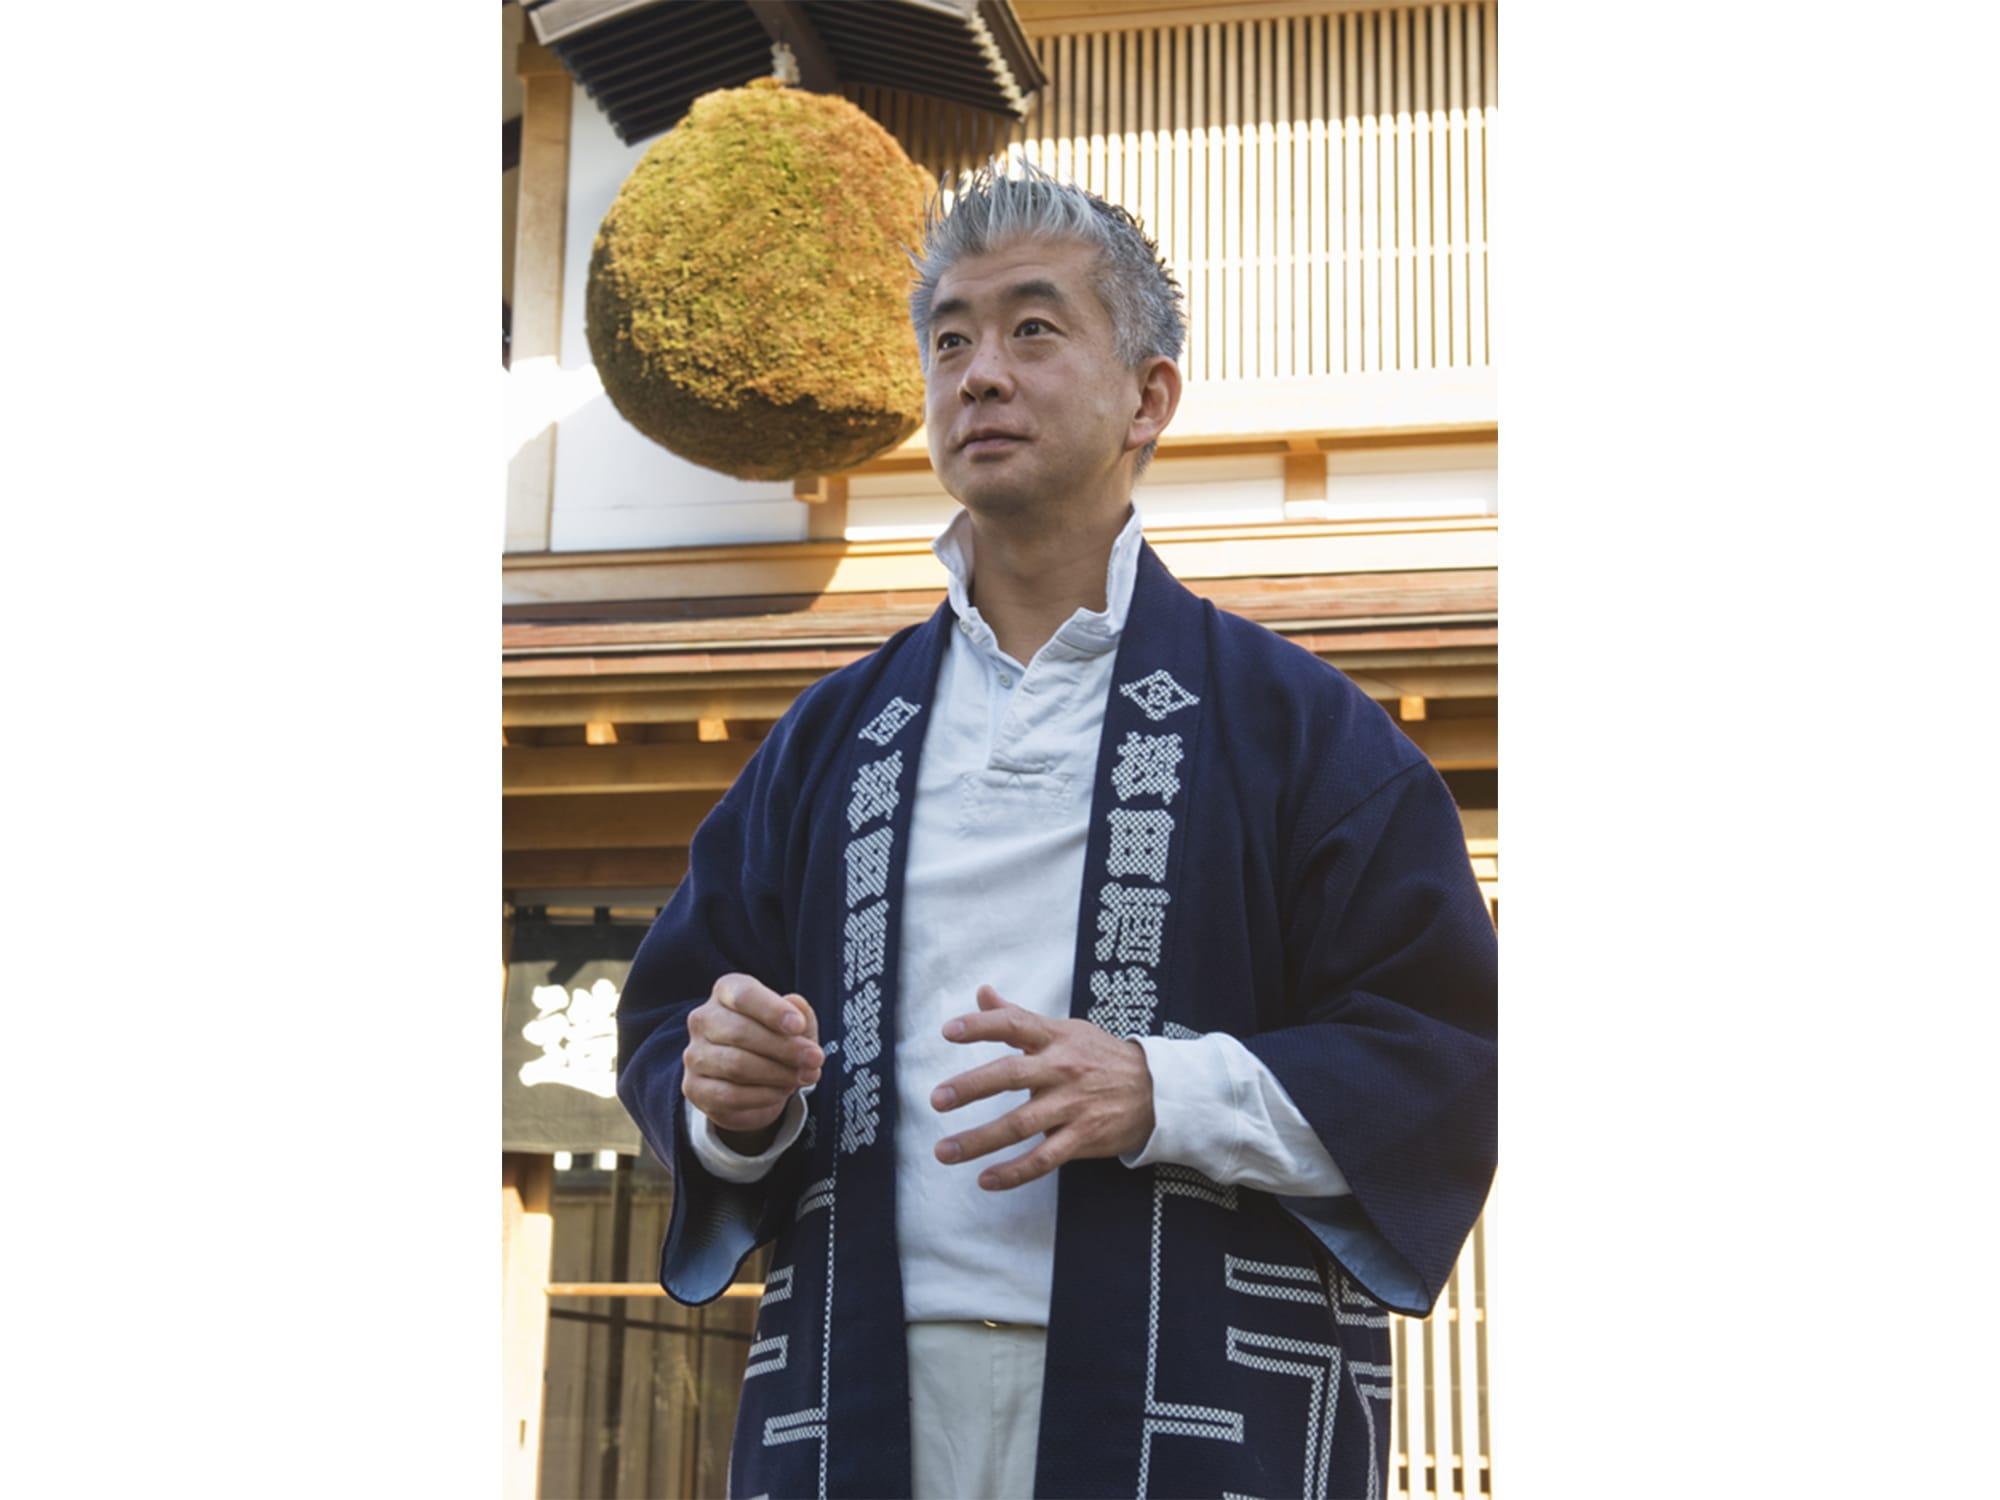 桝田酒造店五代目の桝田隆一郎は、酒造りと街づくりは、文化をまとうことが大切だと語る。